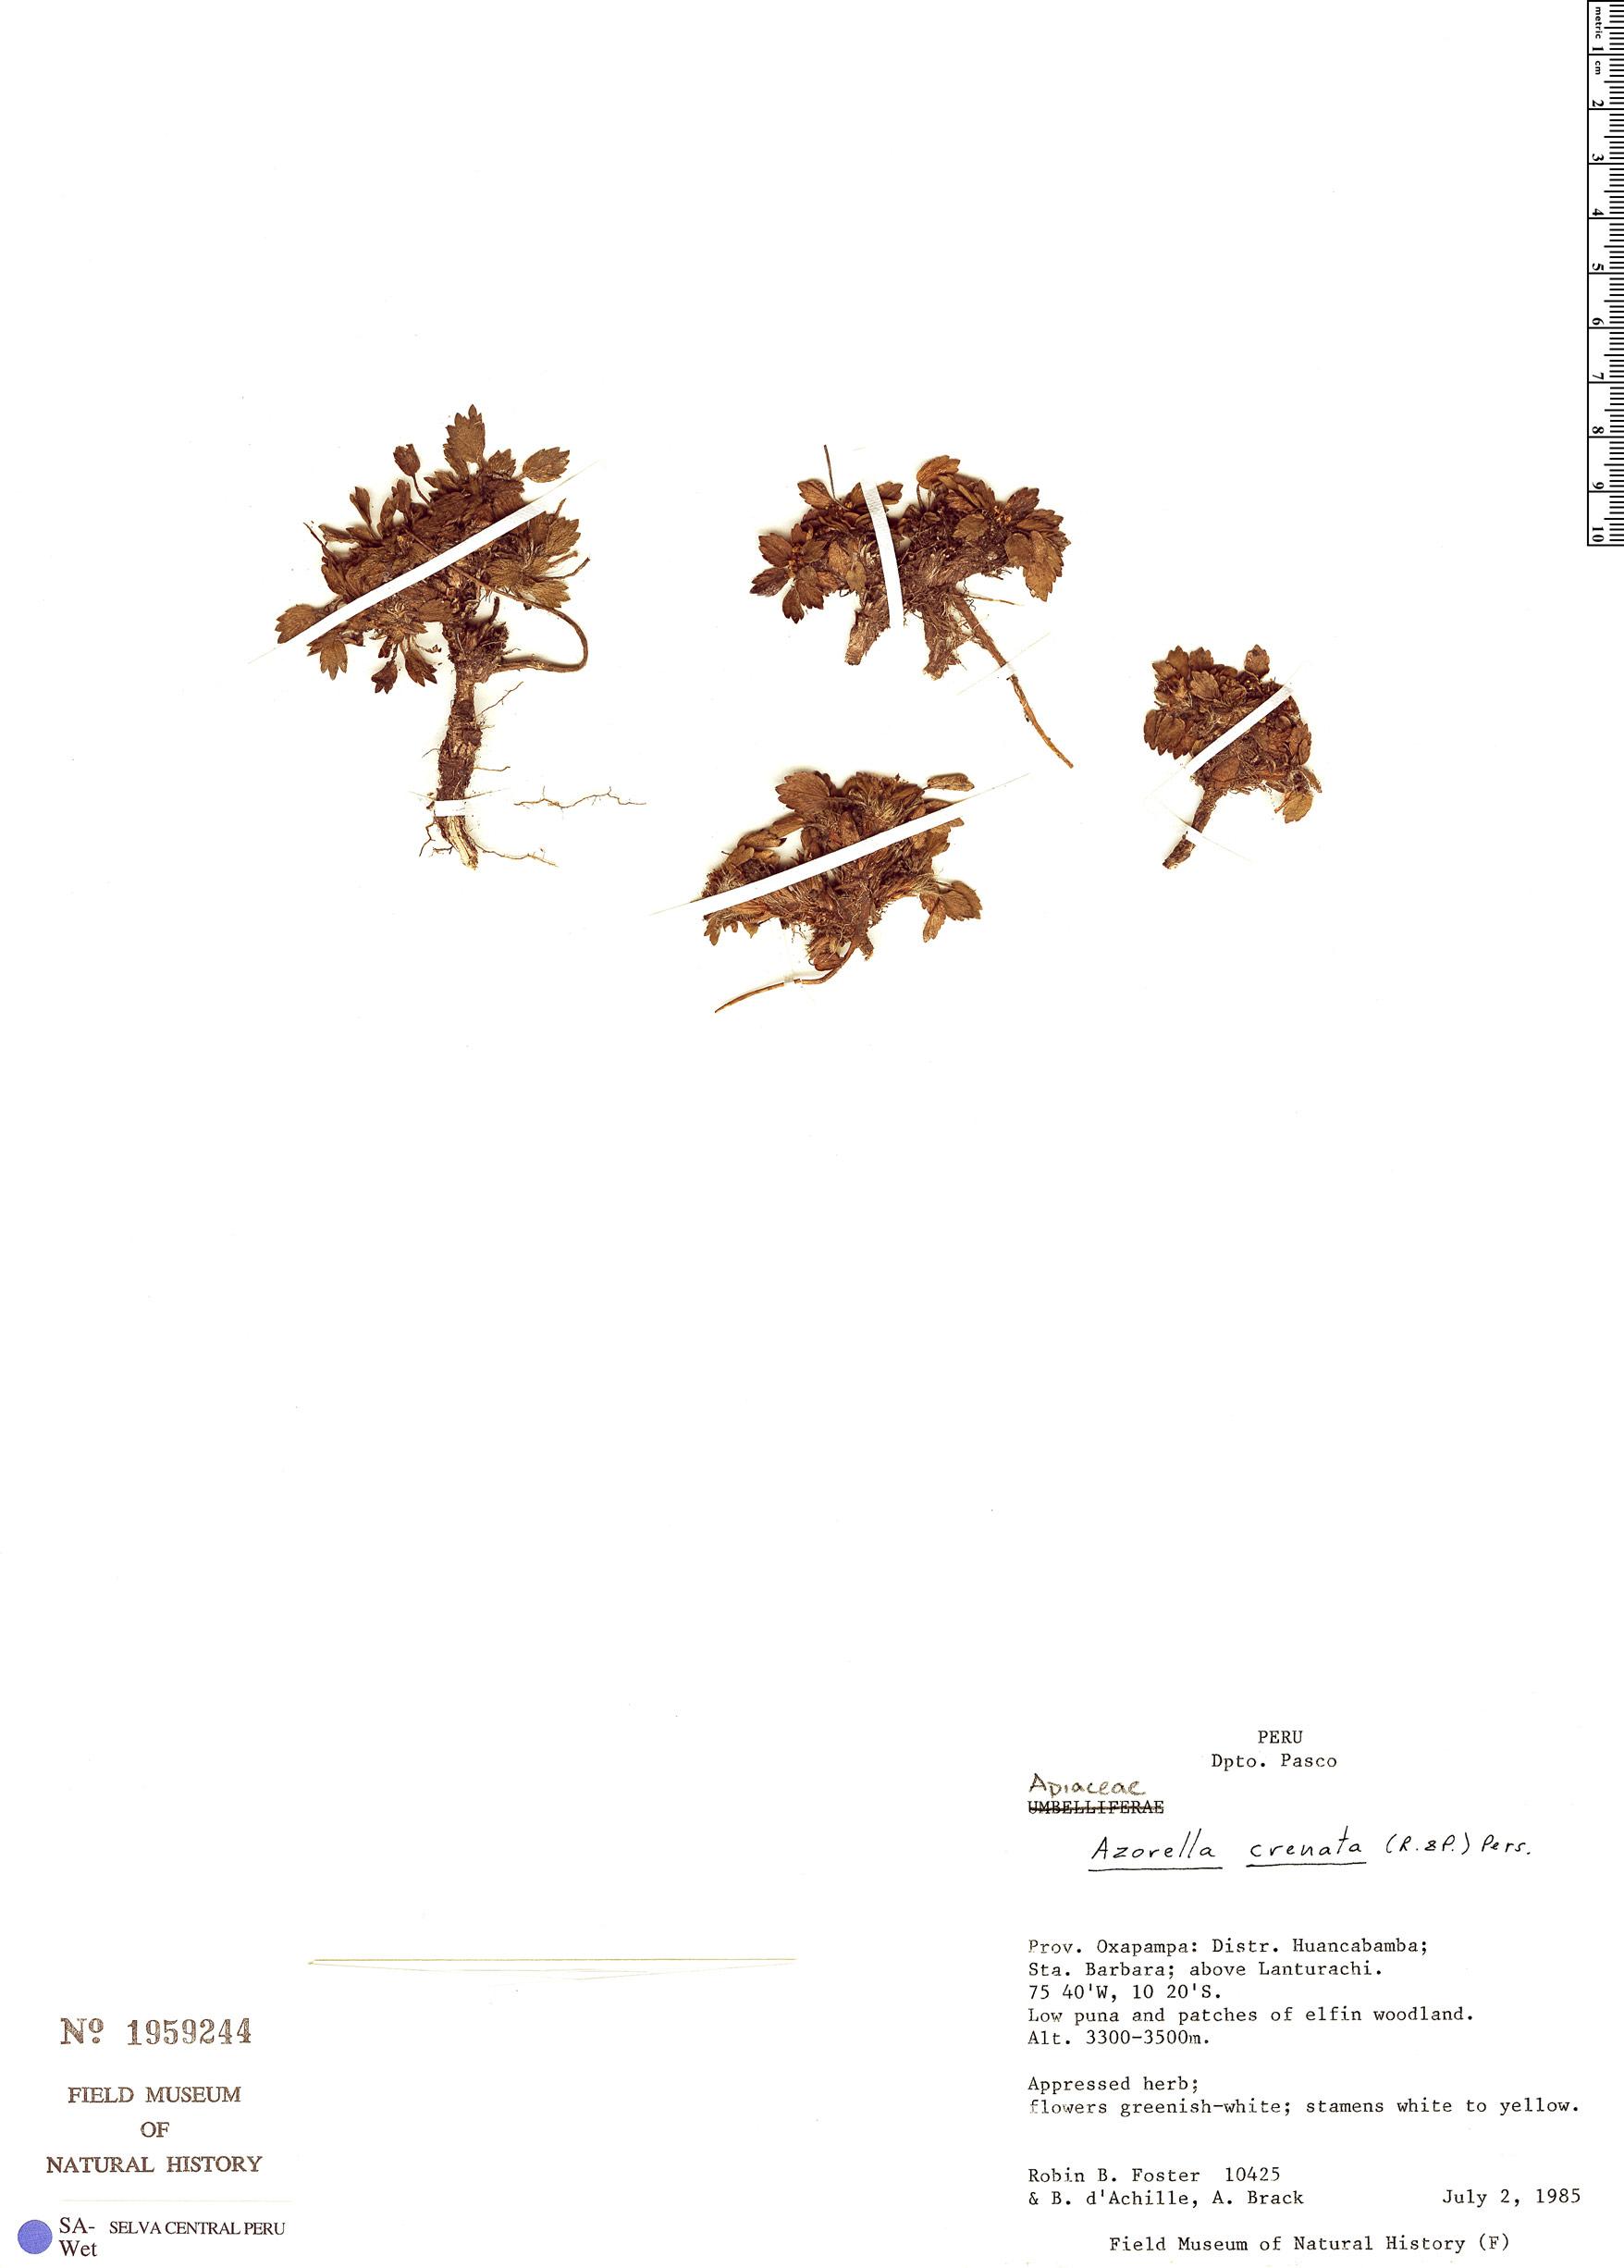 Specimen: Azorella crenata